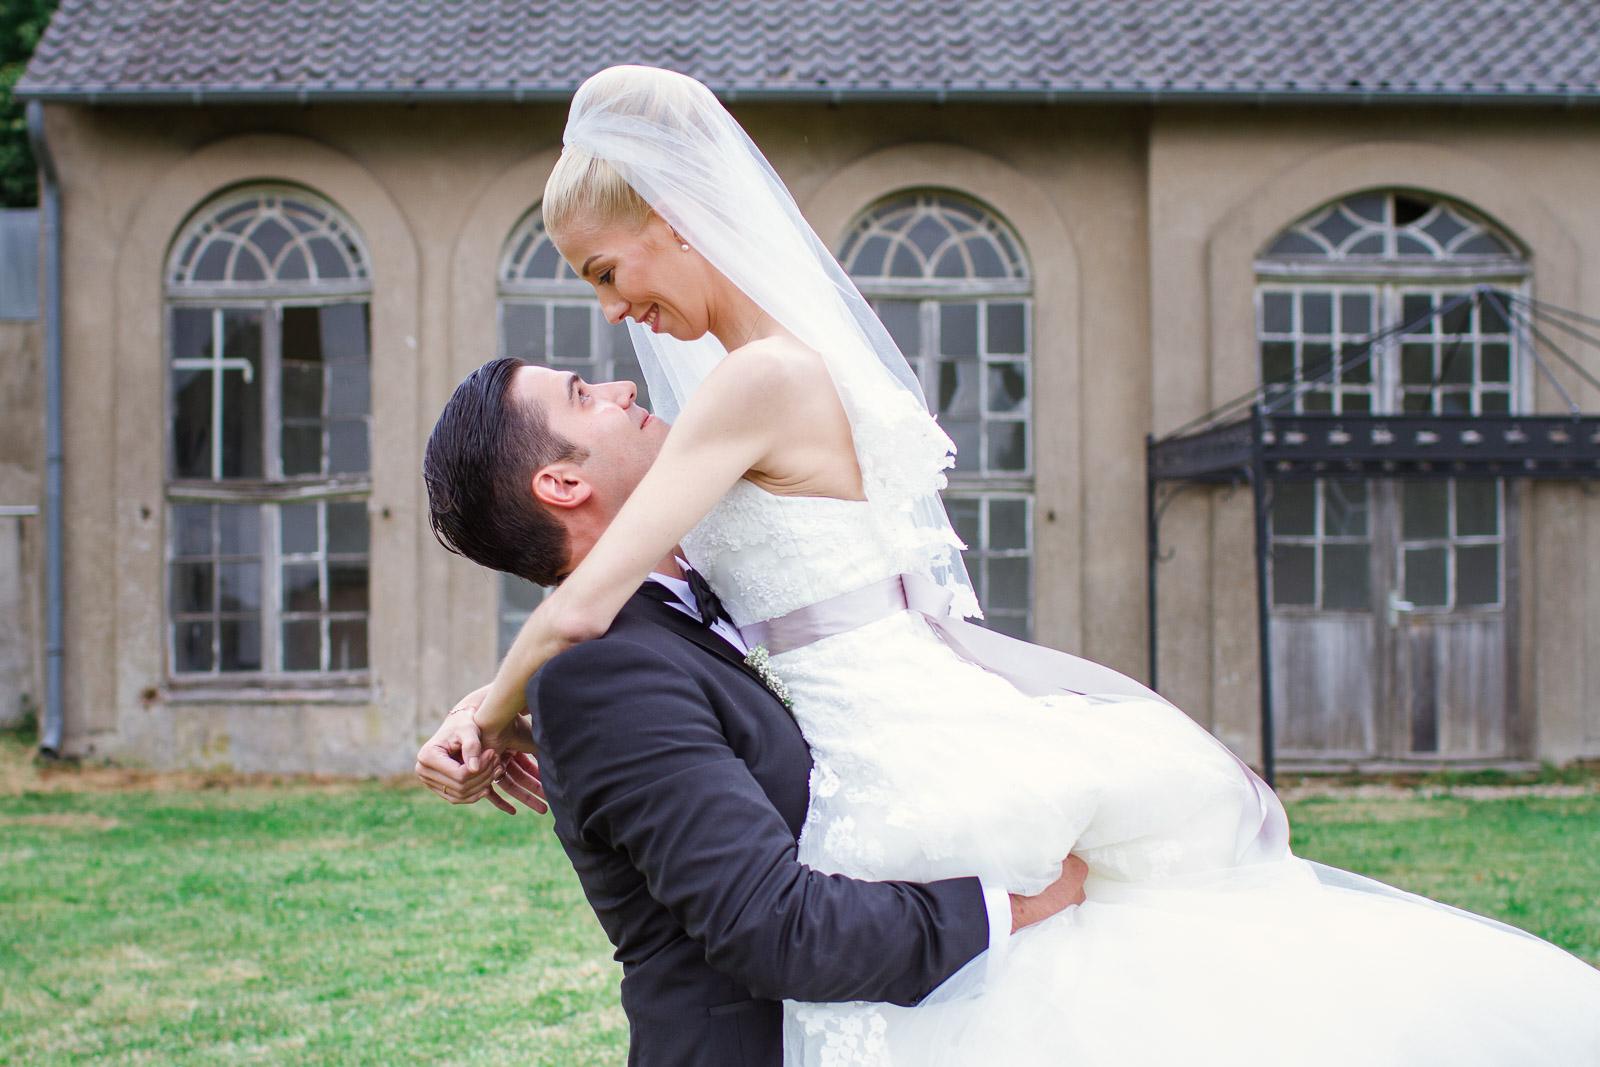 Hochzeitsfotograf Wesel - Schloss Diersfordt_079.jpg